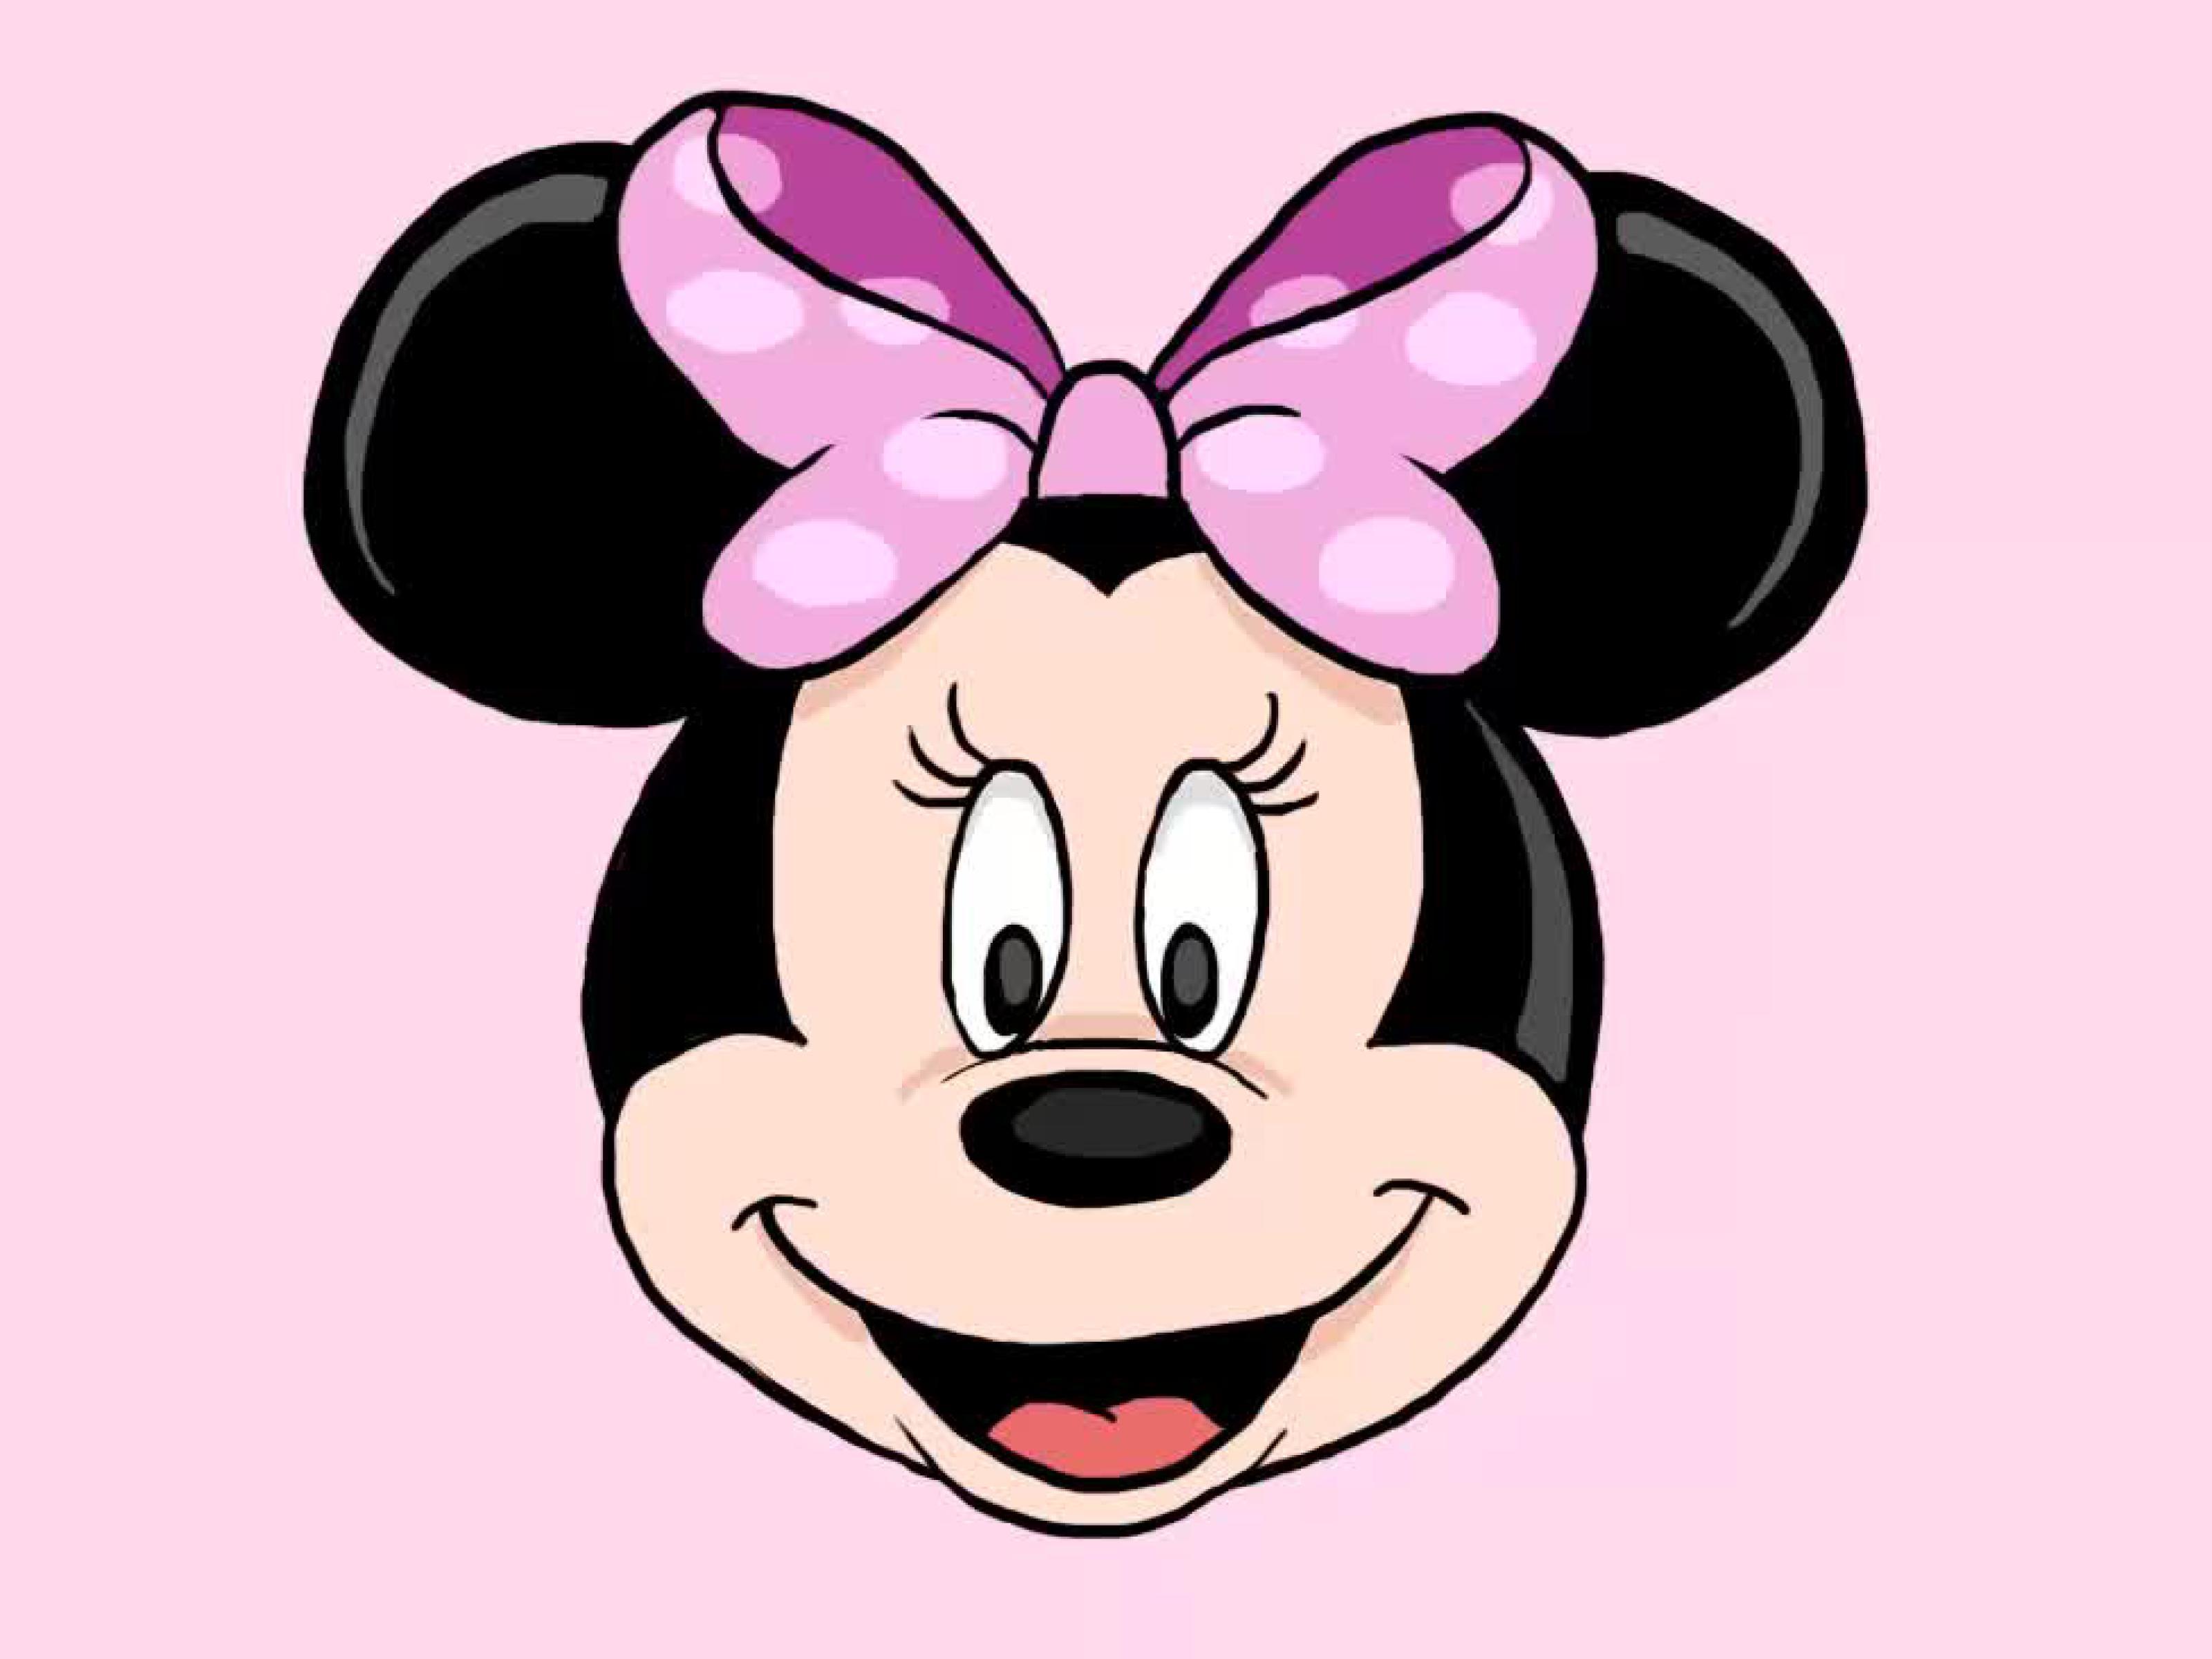 3200x2400 3 Ways to Draw Minnie Mouse Step by Step